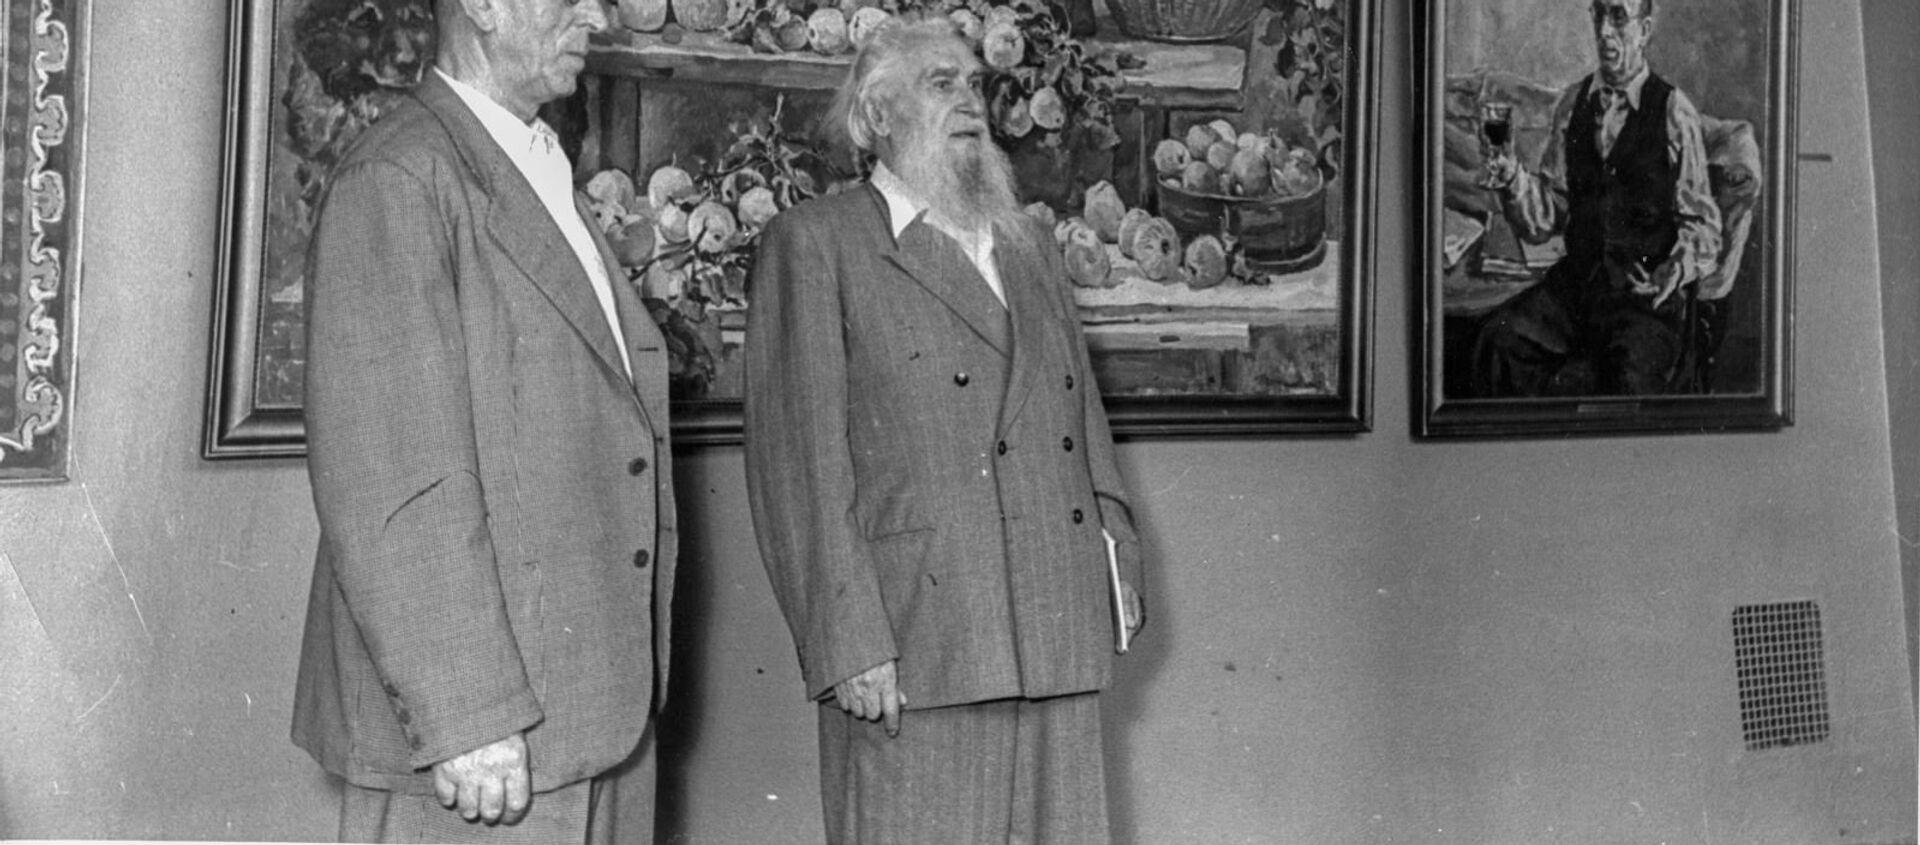 El pintor y escultor español, Alberto Sánchez (izqd) y el escultor ruso, Sergúei Koniónkov - Sputnik Mundo, 1920, 15.05.2019